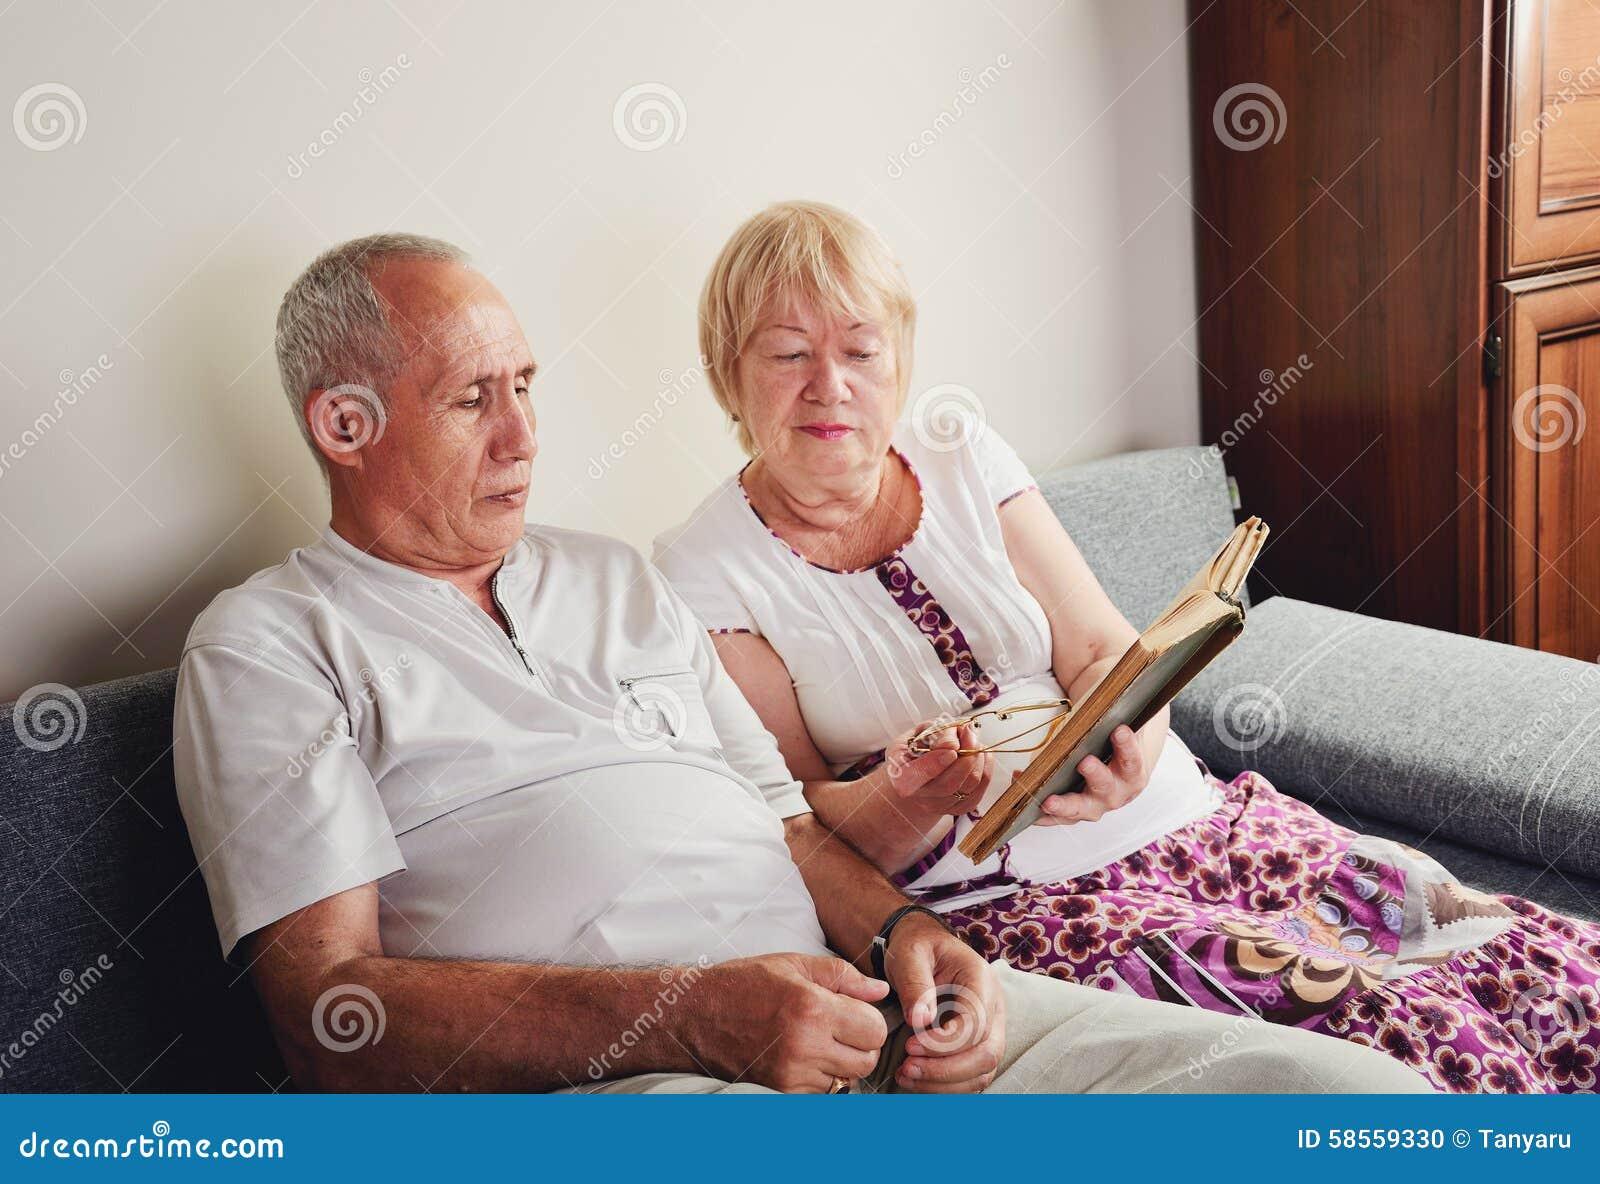 35 jahre alter mann aus einer 60 jahre alten frau